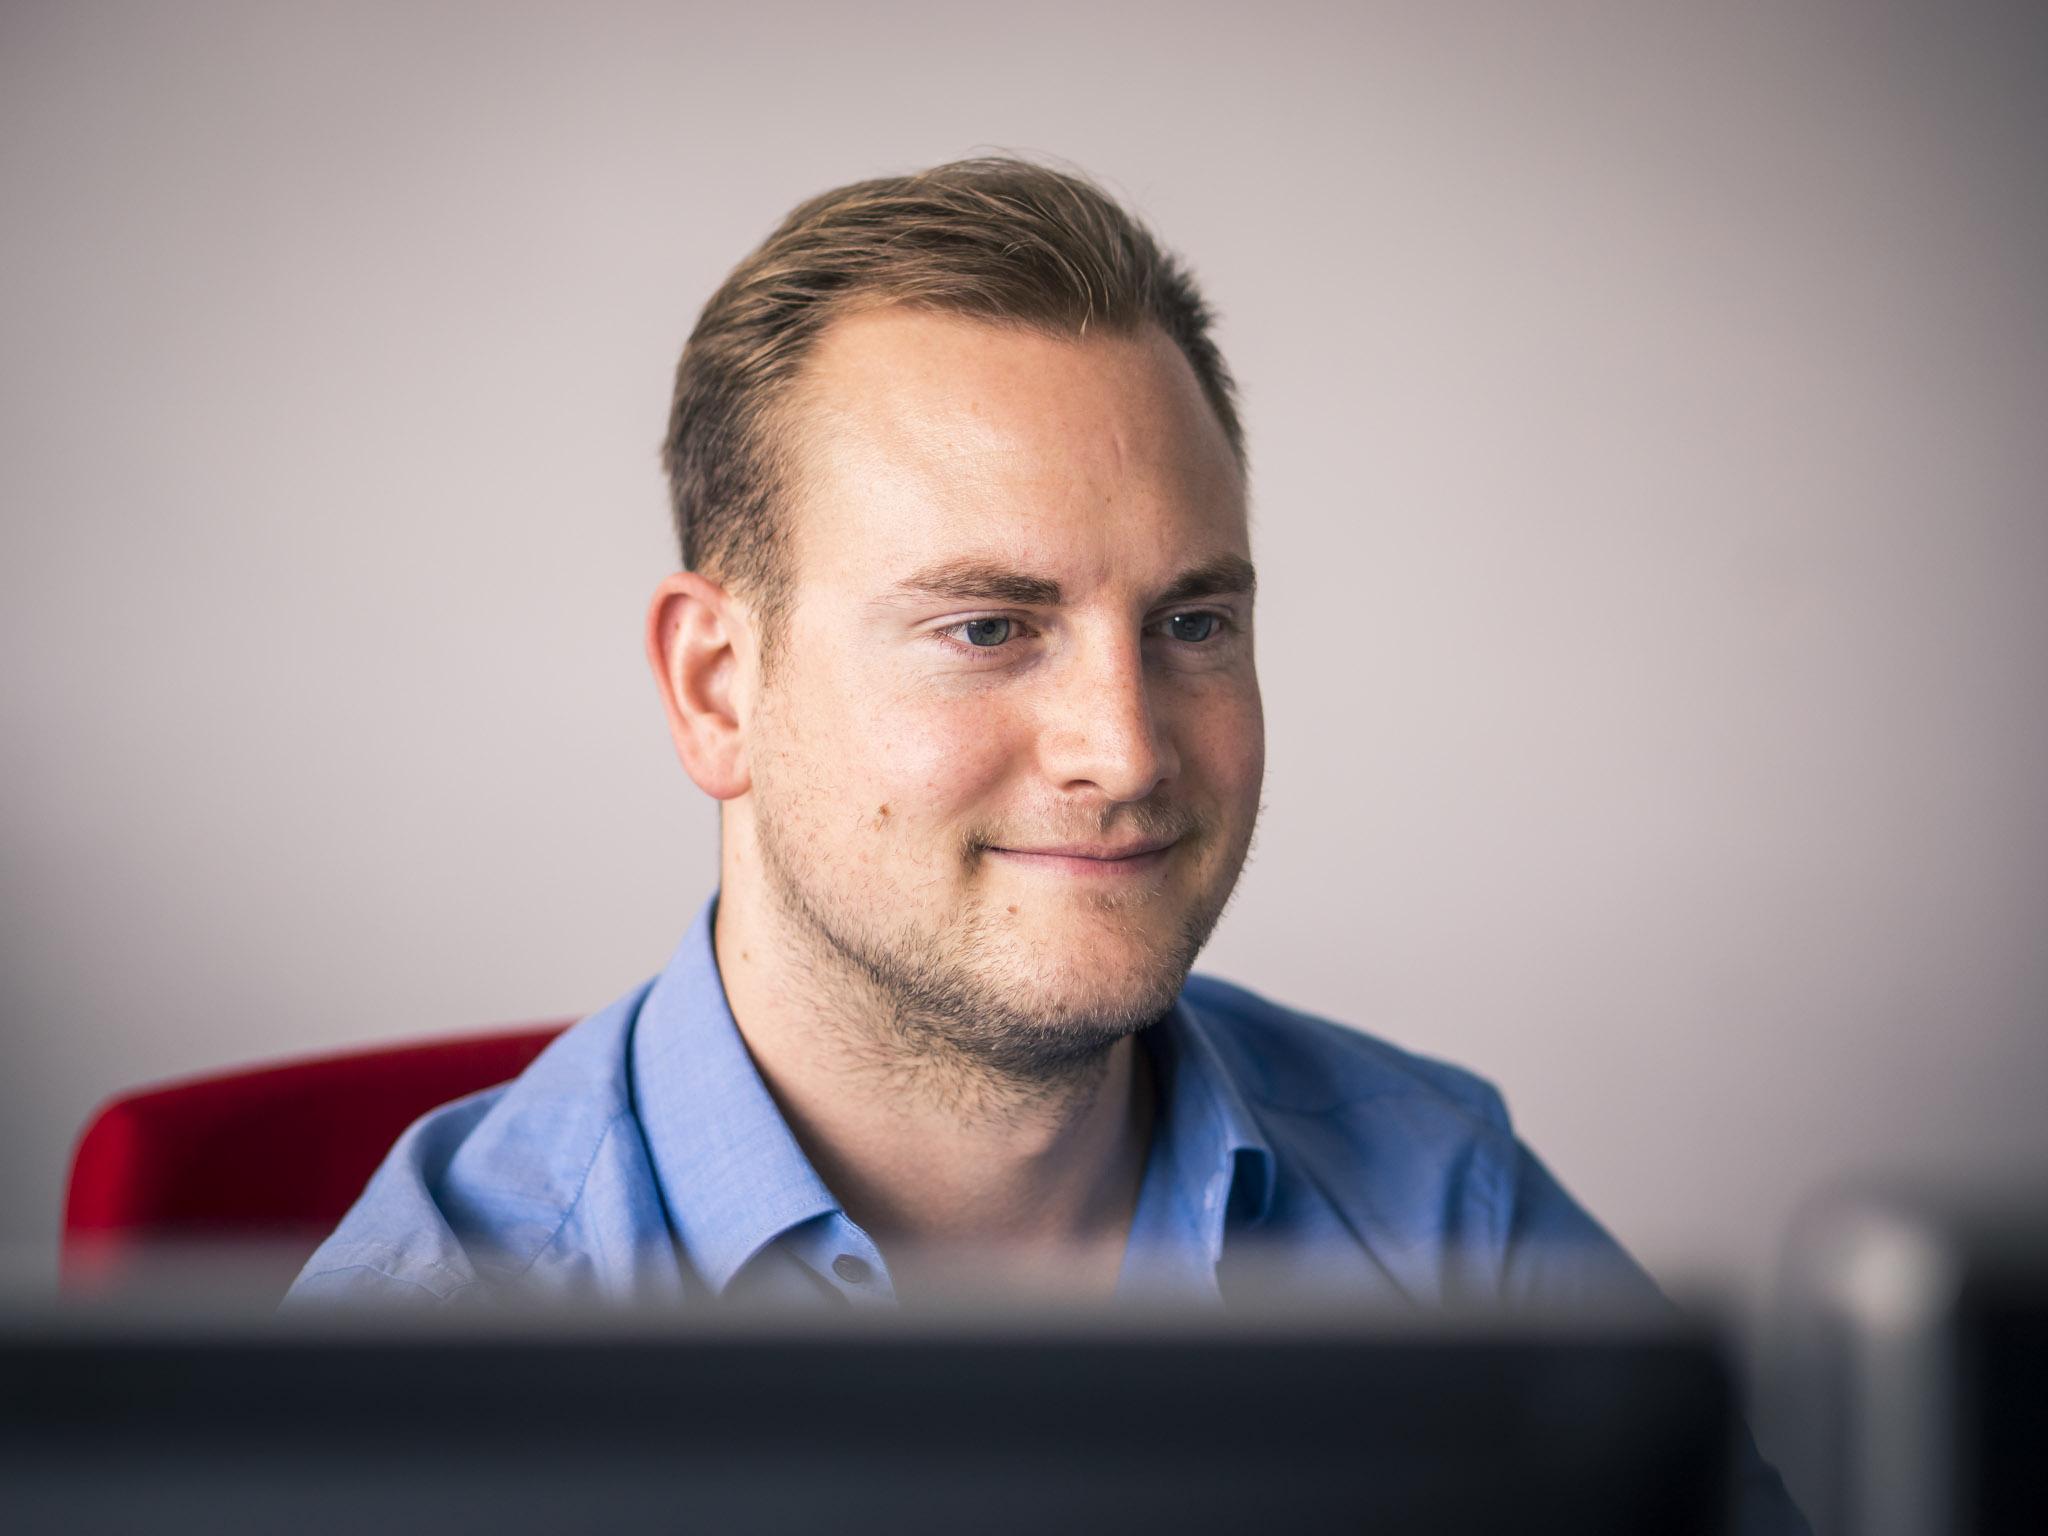 Dominic stellt sich den Herausforderungen der Digitalisierung. Foto: Dominik Ziegler